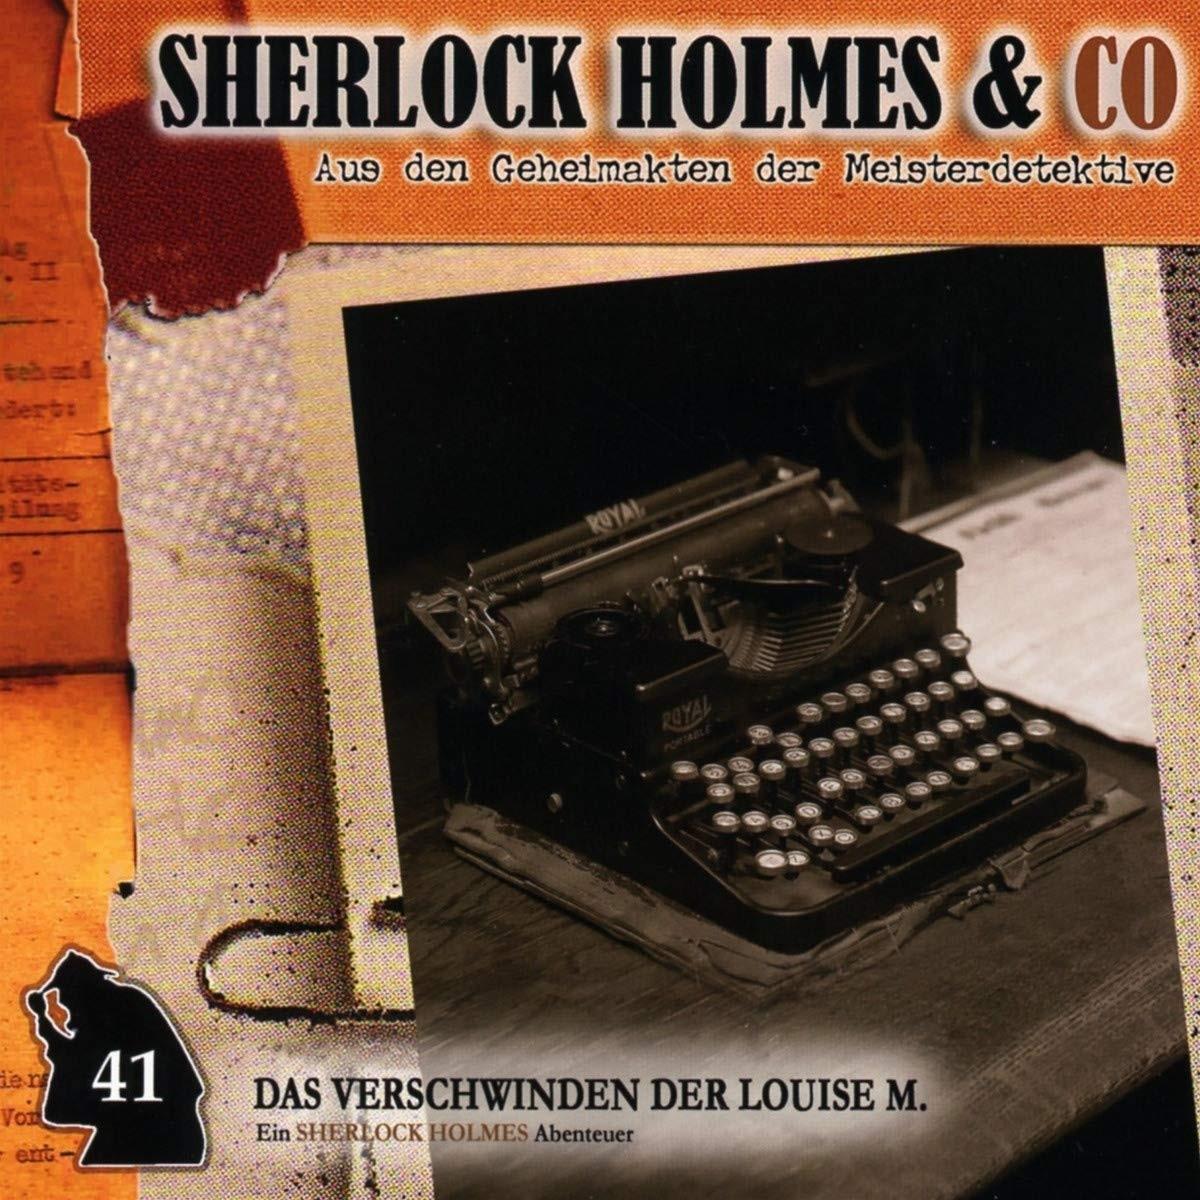 Sherlock Holmes und Co. 41 - Das Verschwinden der Louise M. (1. Teil)